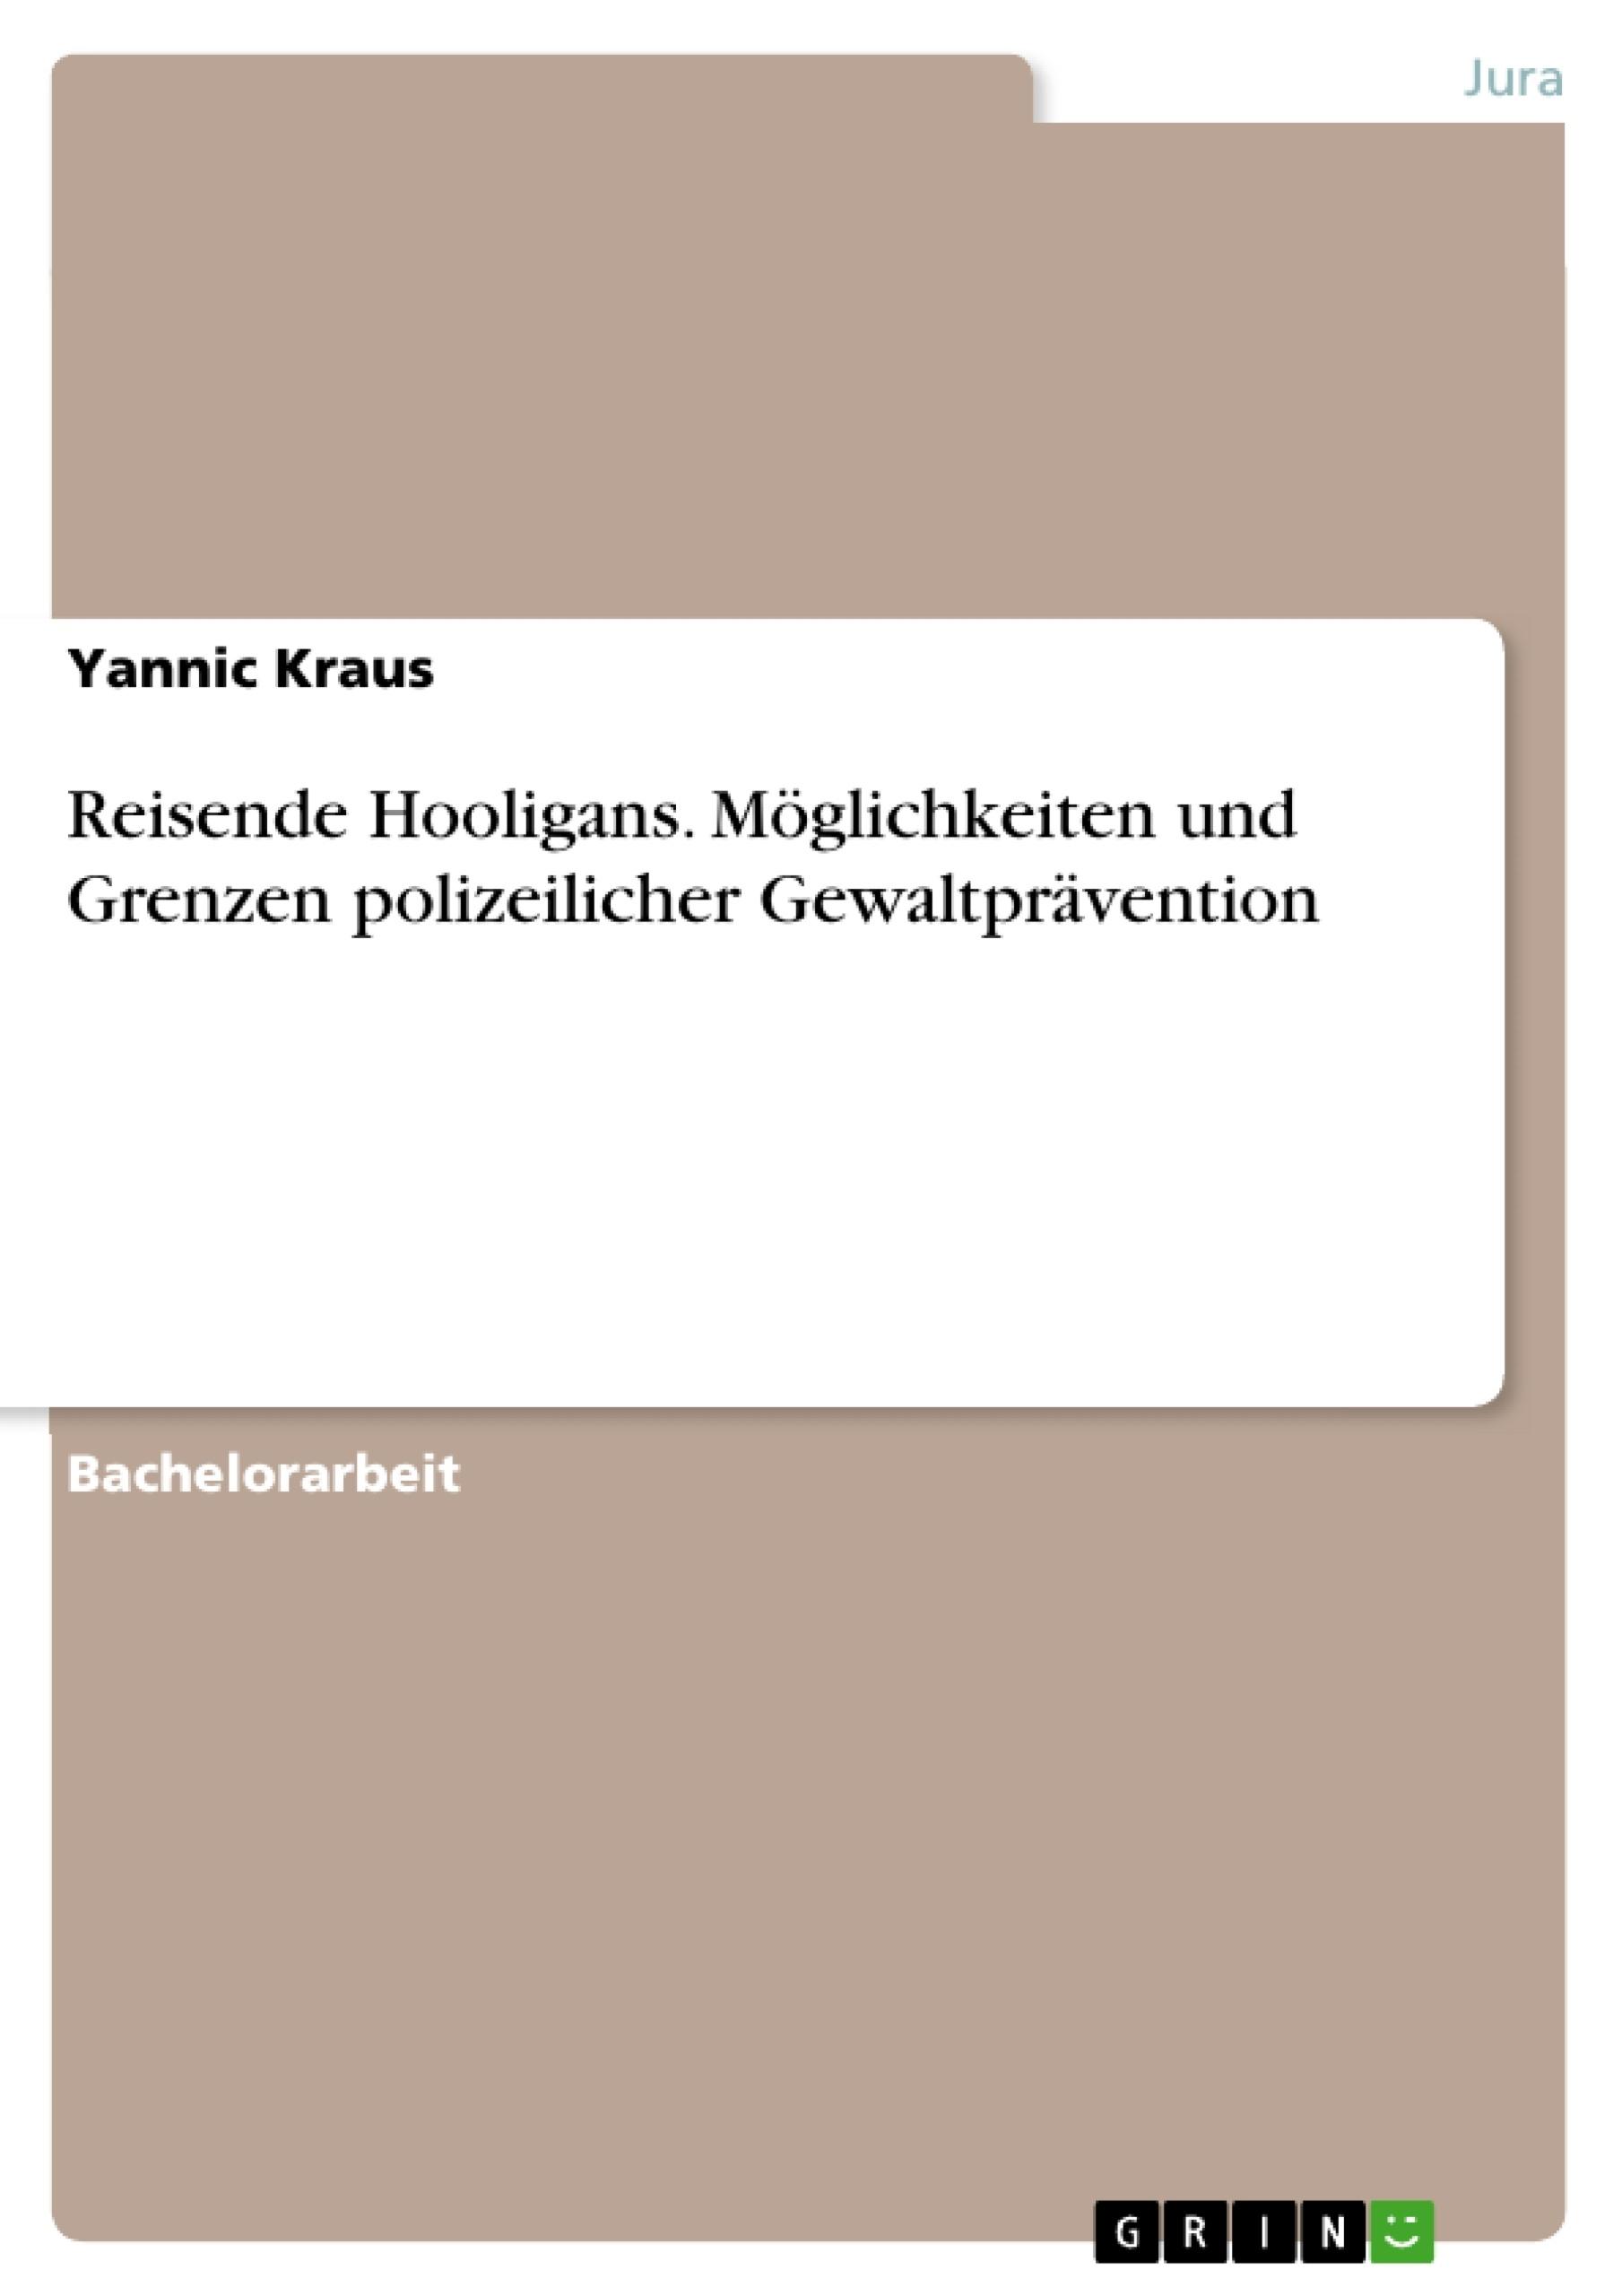 Titel: Reisende Hooligans. Möglichkeiten und Grenzen polizeilicher Gewaltprävention